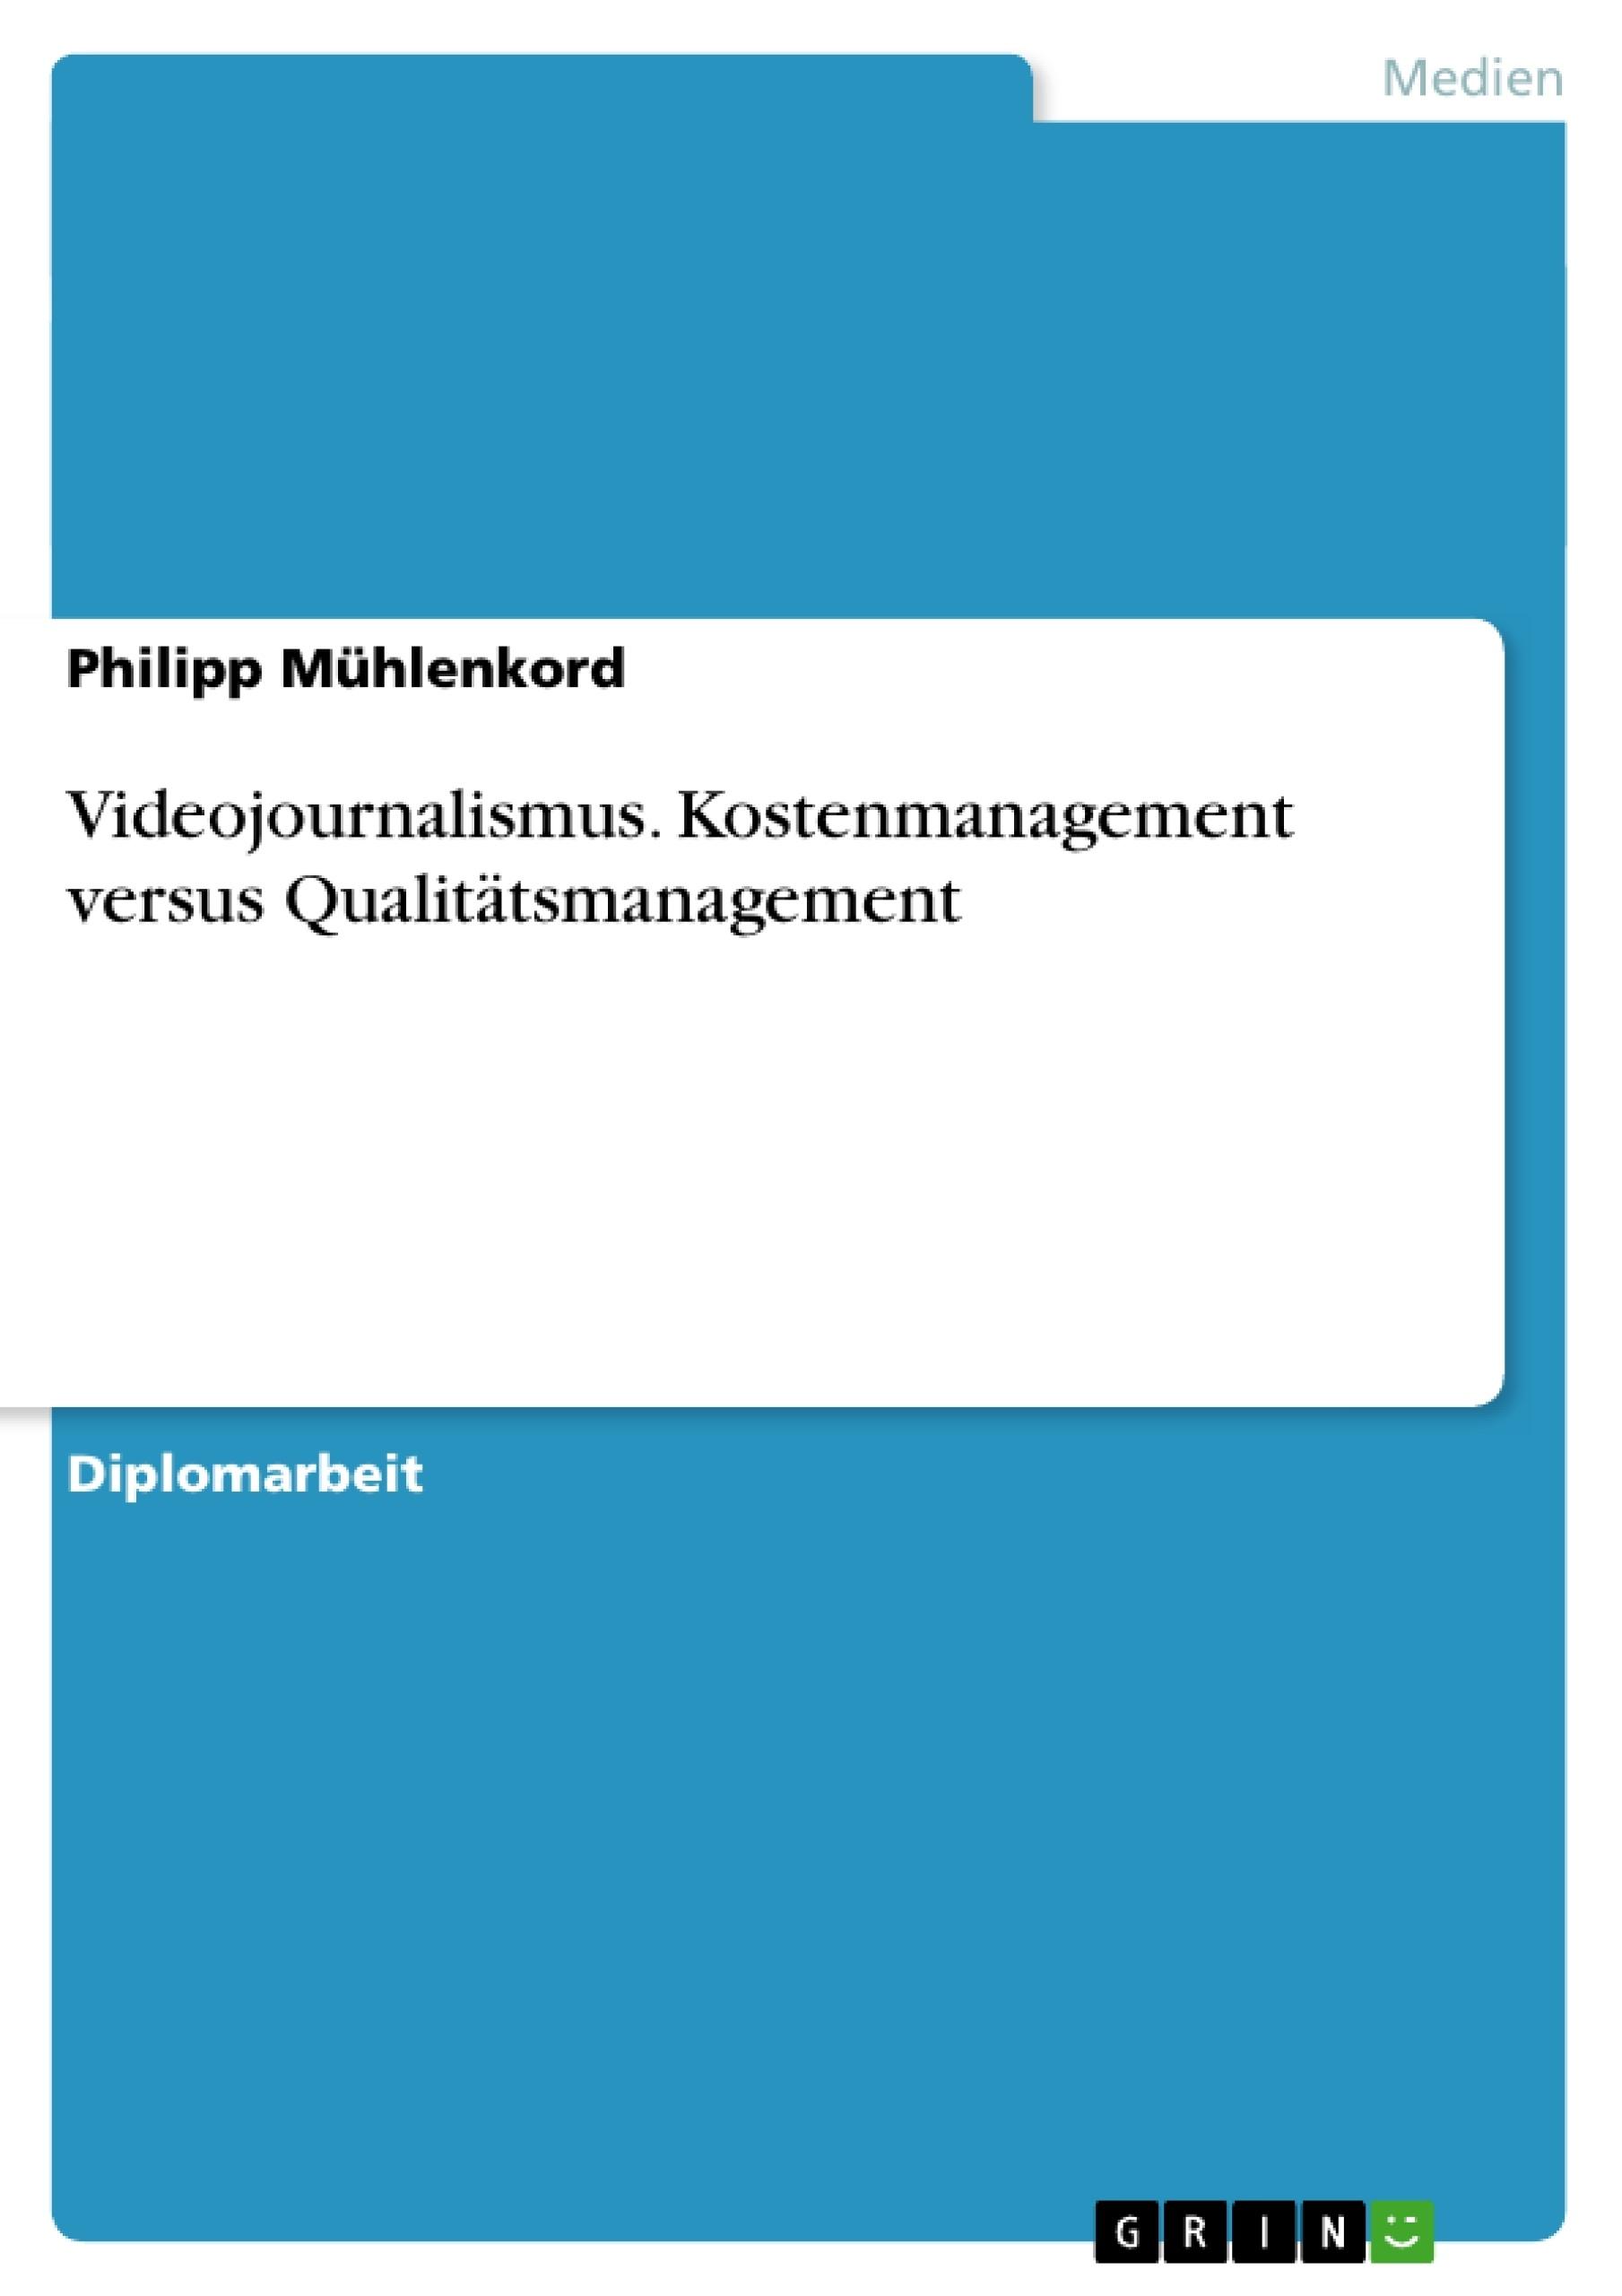 Titel: Videojournalismus. Kostenmanagement versus Qualitätsmanagement